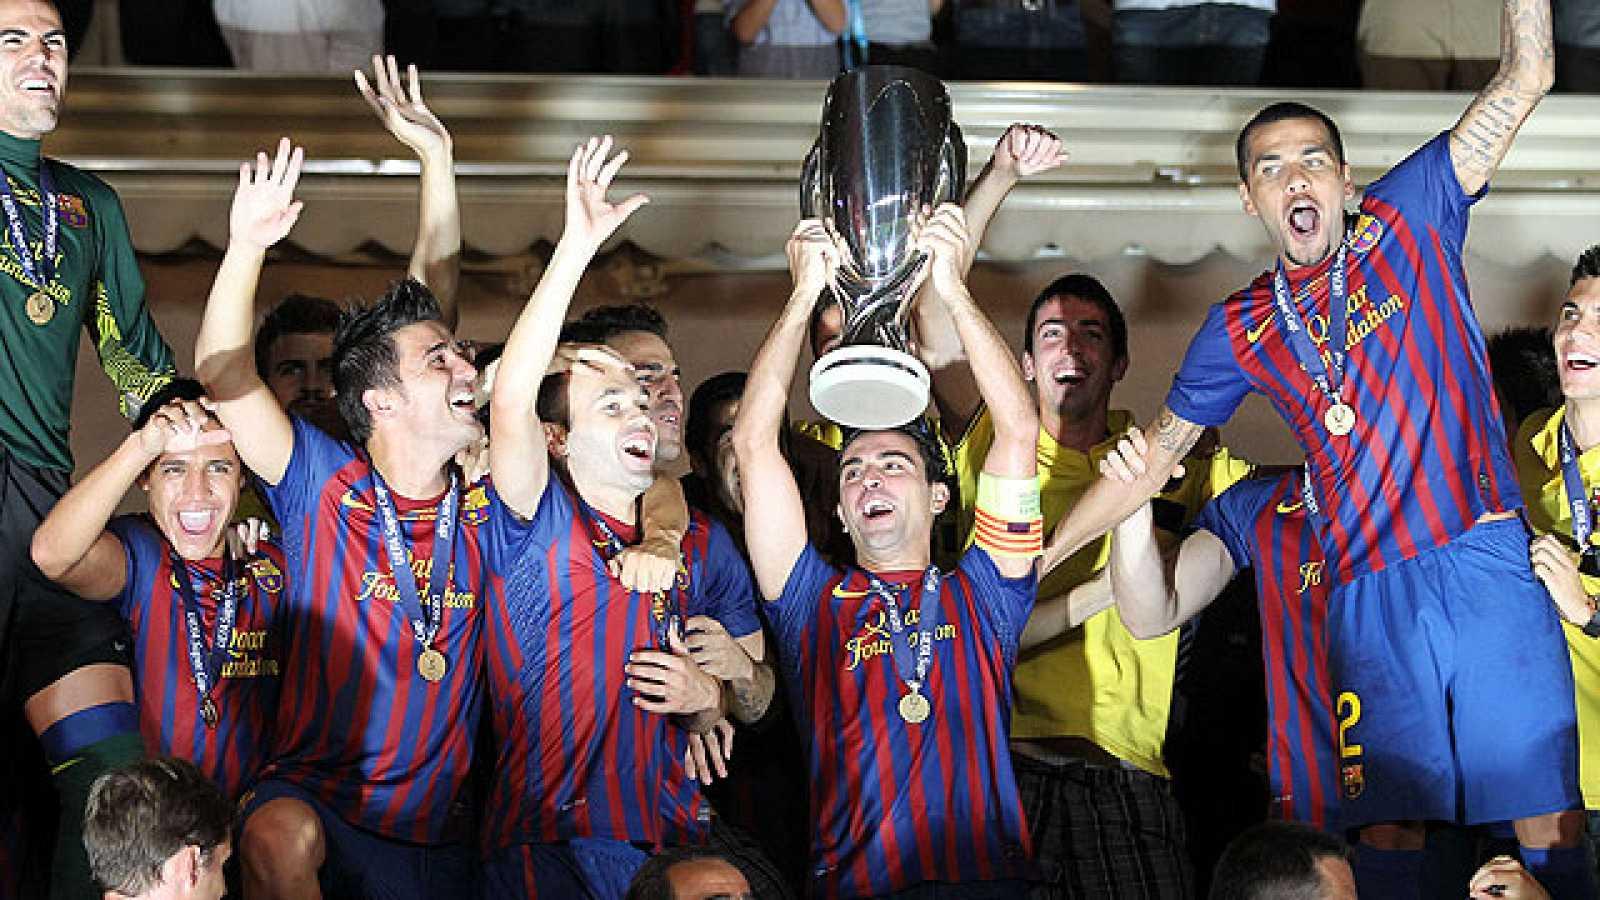 El Barcelona se ha impuesto al Oporto por 2-0 con tantos de Messi y Cesc Fábregas, que marcó su primer gol en partido oficial como jugador culé.